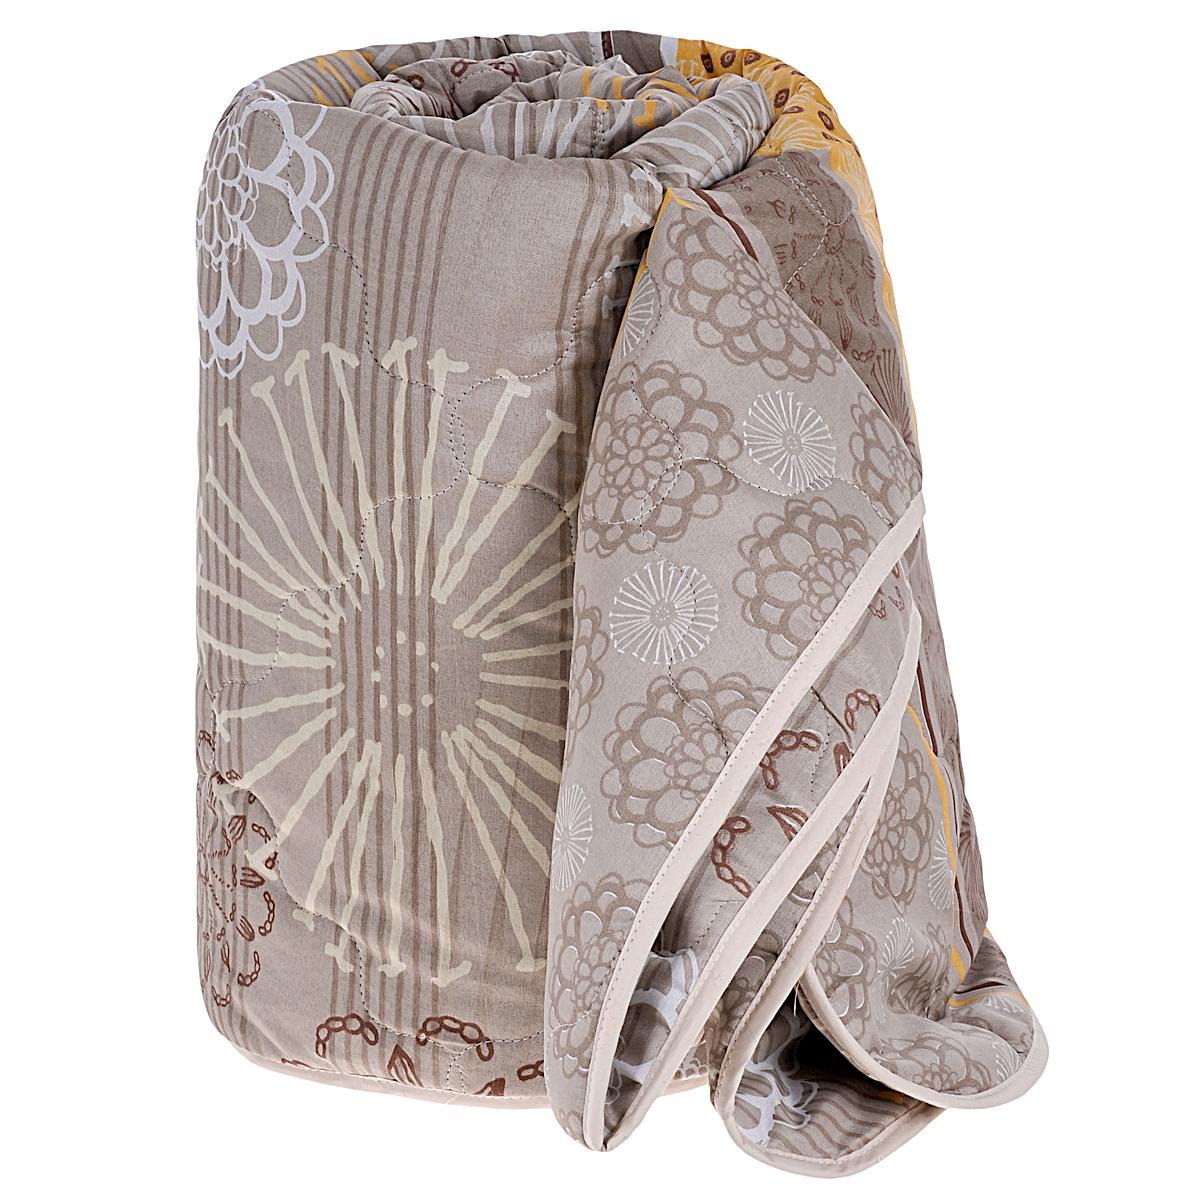 Одеяло всесезонное OL-Tex Miotex, наполнитель: полиэфирное волокно Holfiteks, цвет: серый, 172 см х 205 смМХПЭ-18-3Всесезонное одеяло OL-Tex Miotex создаст комфорт и уют во время сна. Стеганый чехол выполнен из полиэстера и оформлен красивым цветочным рисунком. Внутри - современный наполнитель из полиэфирного высокосиликонизированного волокна Holfiteks, упругий и качественный. Холфитекс - современный экологически чистый синтетический материал, изготовленный по новейшим технологиям. Его уникальность заключается в расположении волокон, которые позволяют моментально восстанавливать форму и сохранять ее долгое время. Изделия с использованием Холфитекса очень удобны в эксплуатации - их можно часто стирать без потери потребительских свойств, они быстро высыхают, не впитывают запахов и совершенно гиппоаллергенны. Холфитекс также обеспечивает хорошую терморегуляцию, поэтому изделия с наполнителем из холфитекса очень комфортны в использовании. Одеяло с наполнителем Холфитекс порадует вас в любое время года. Оно комфортно согревает и создает отличный микроклимат. За одеялом легко ухаживать, можно стирать в стиральной машинке.Рекомендации по уходу:- Ручная и машинная стирка при температуре 30°С.- Не гладить.- Не отбеливать. - Нельзя отжимать и сушить в стиральной машине.- Сушить вертикально. Размер одеяла: 172 см х 205 см. Материал чехла: 100% полиэстер. Материал наполнителя: полиэфирное высокосиликонизированное волокно Holfiteks. Плотность: 300 г/м2.